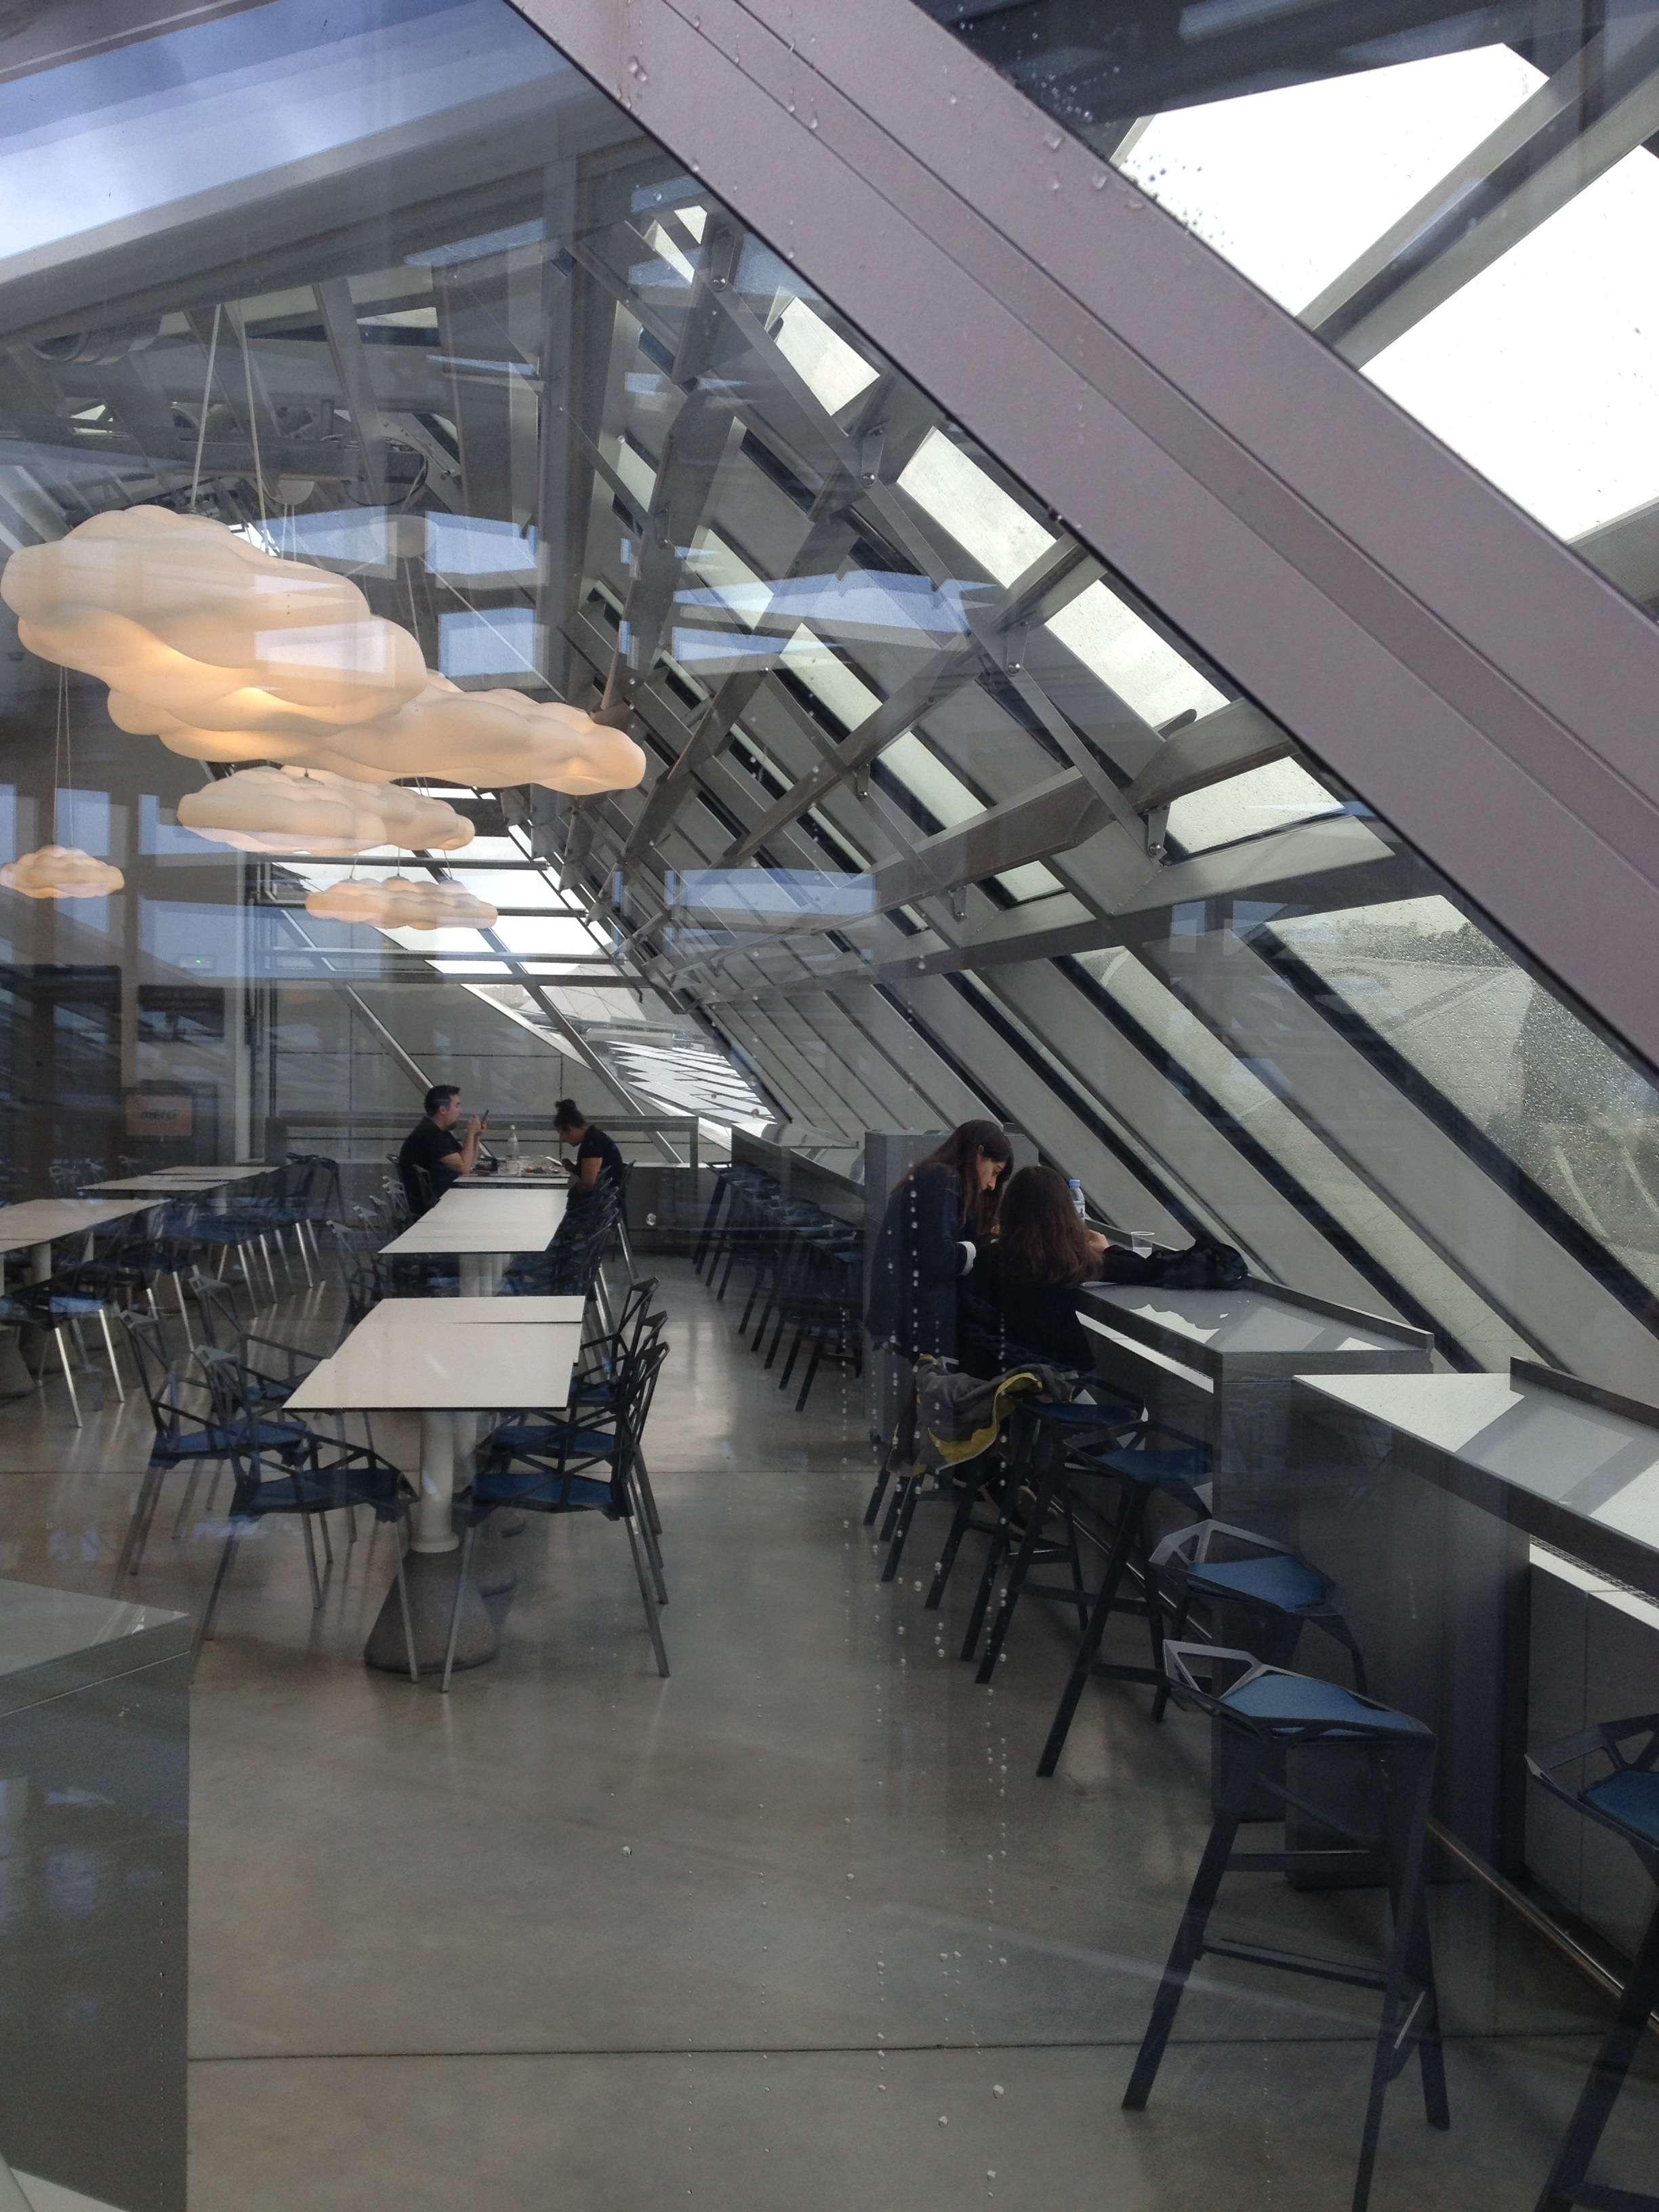 Si pe acoperis existà un restaurant cu vedere spre Lyon (si autostradà...)